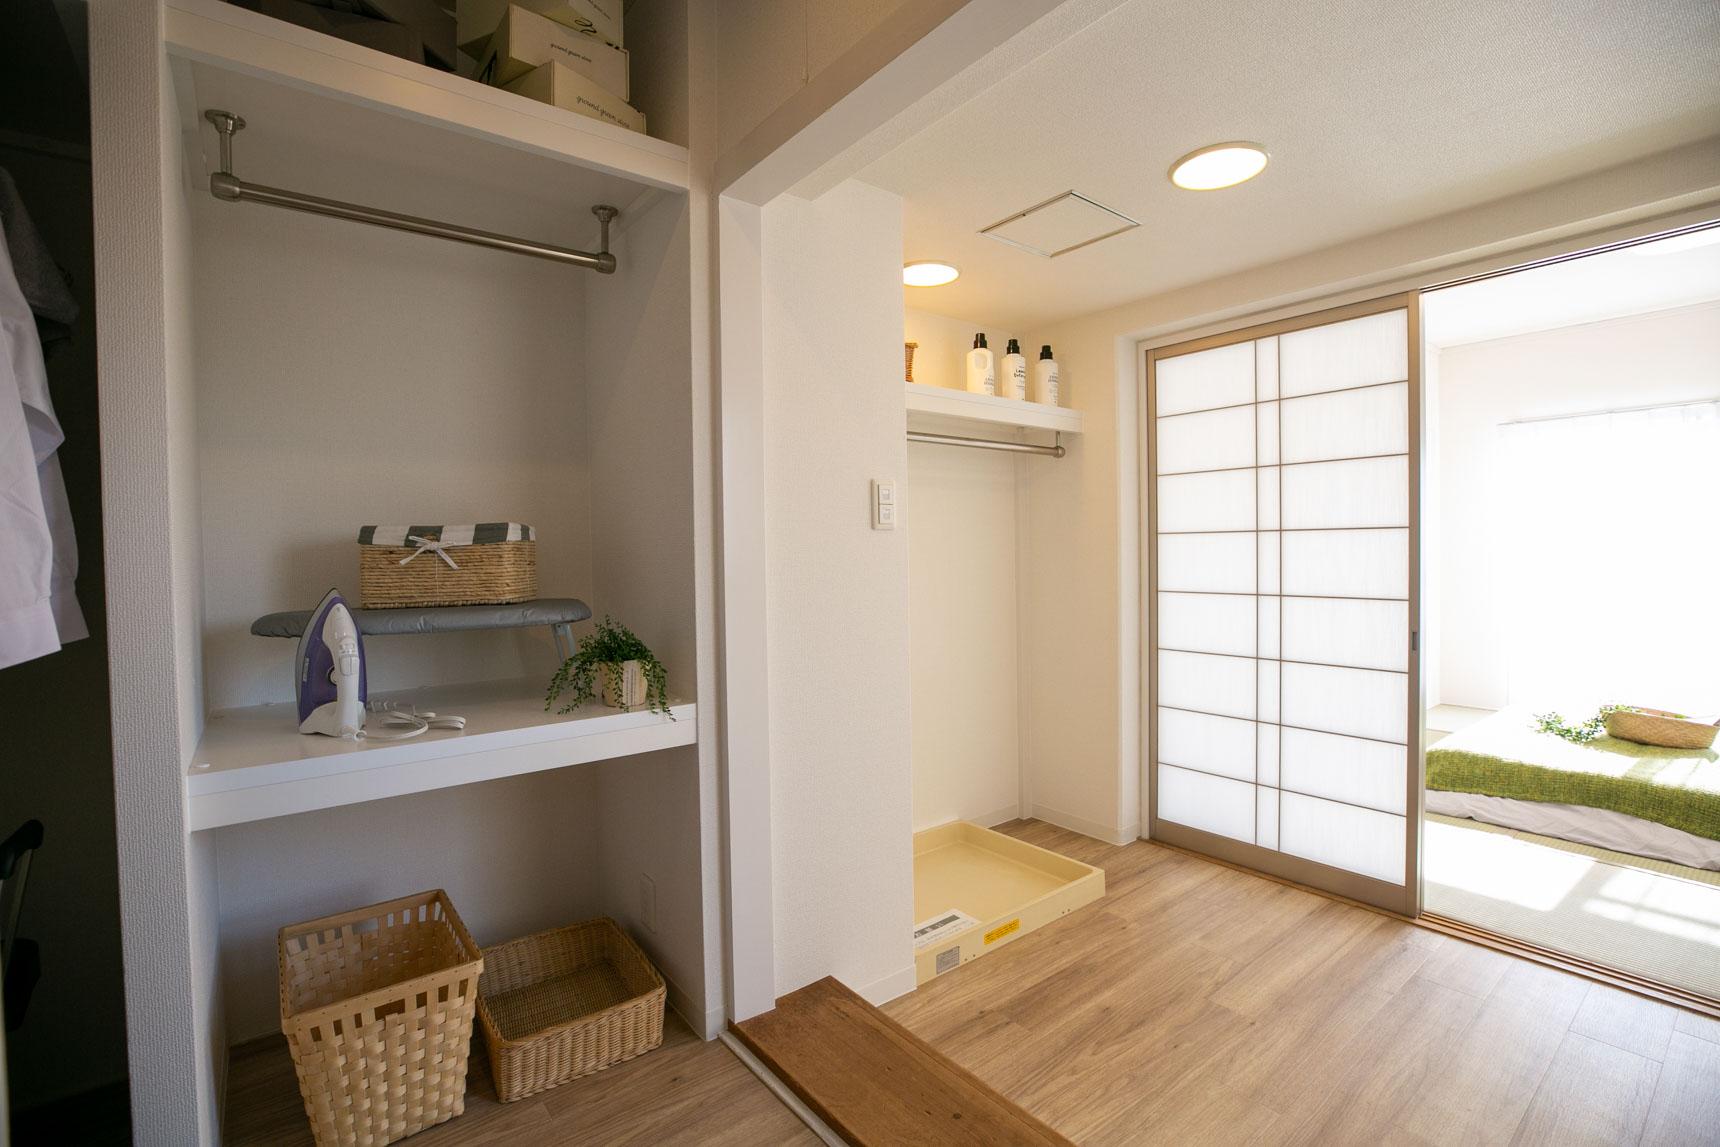 和室へと繋がる部分は、洗濯室に。バルコニーのすぐお隣なので、家事動線は良さそう。そのお隣には、アイロンをかけることができそうなスペースもあります。